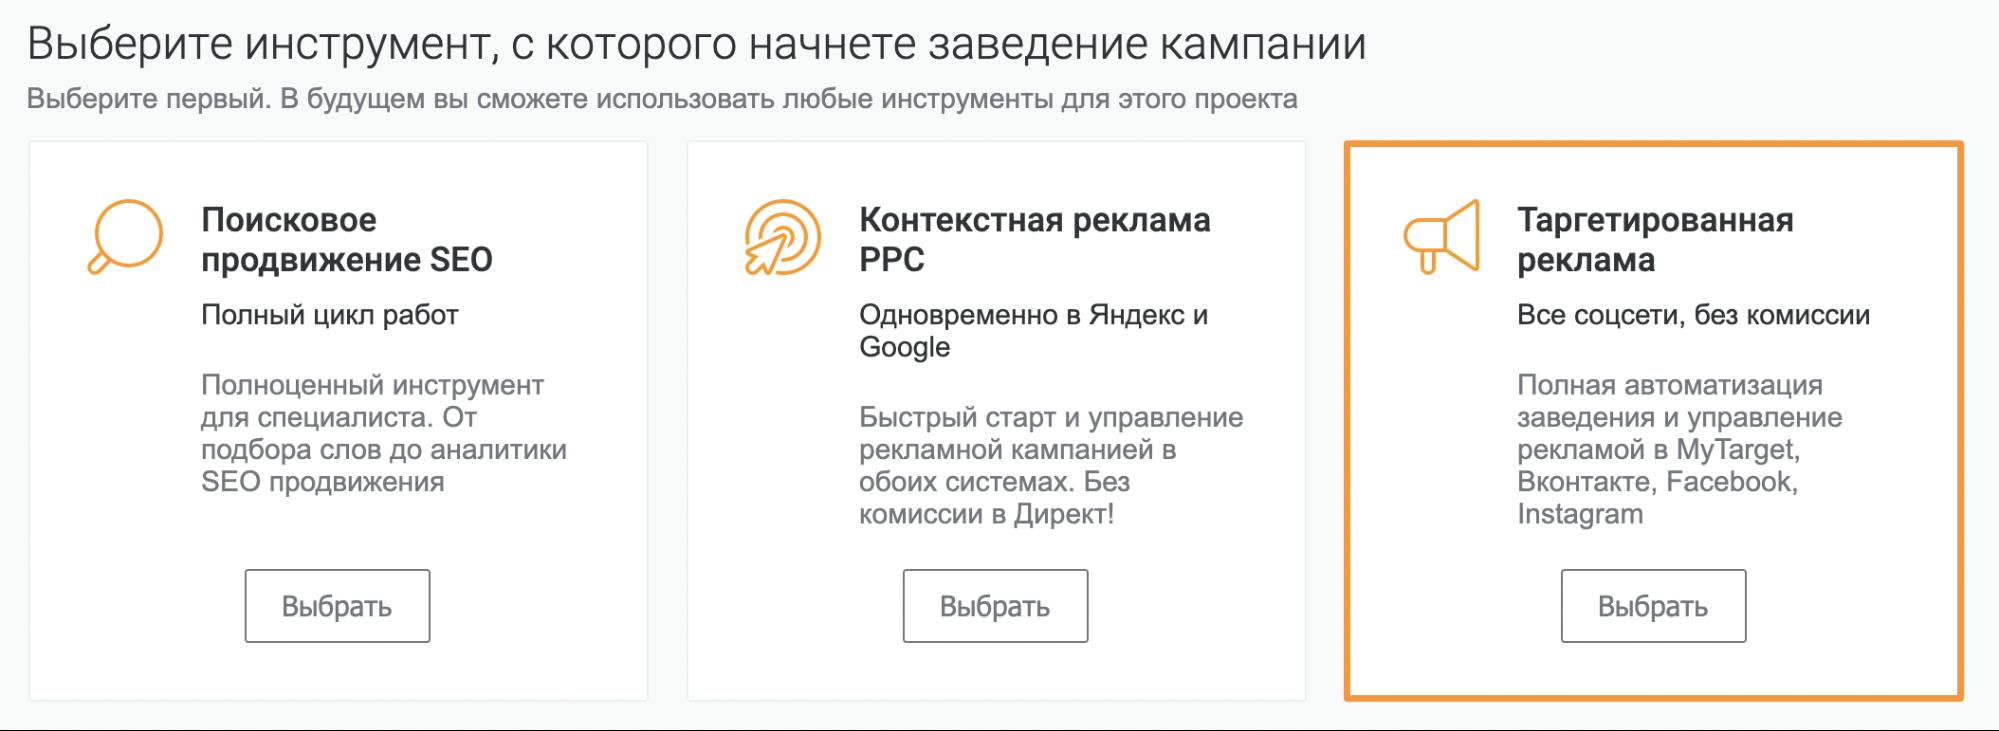 Автоматизация таргетированной рекламы с новым модулем от Promopult